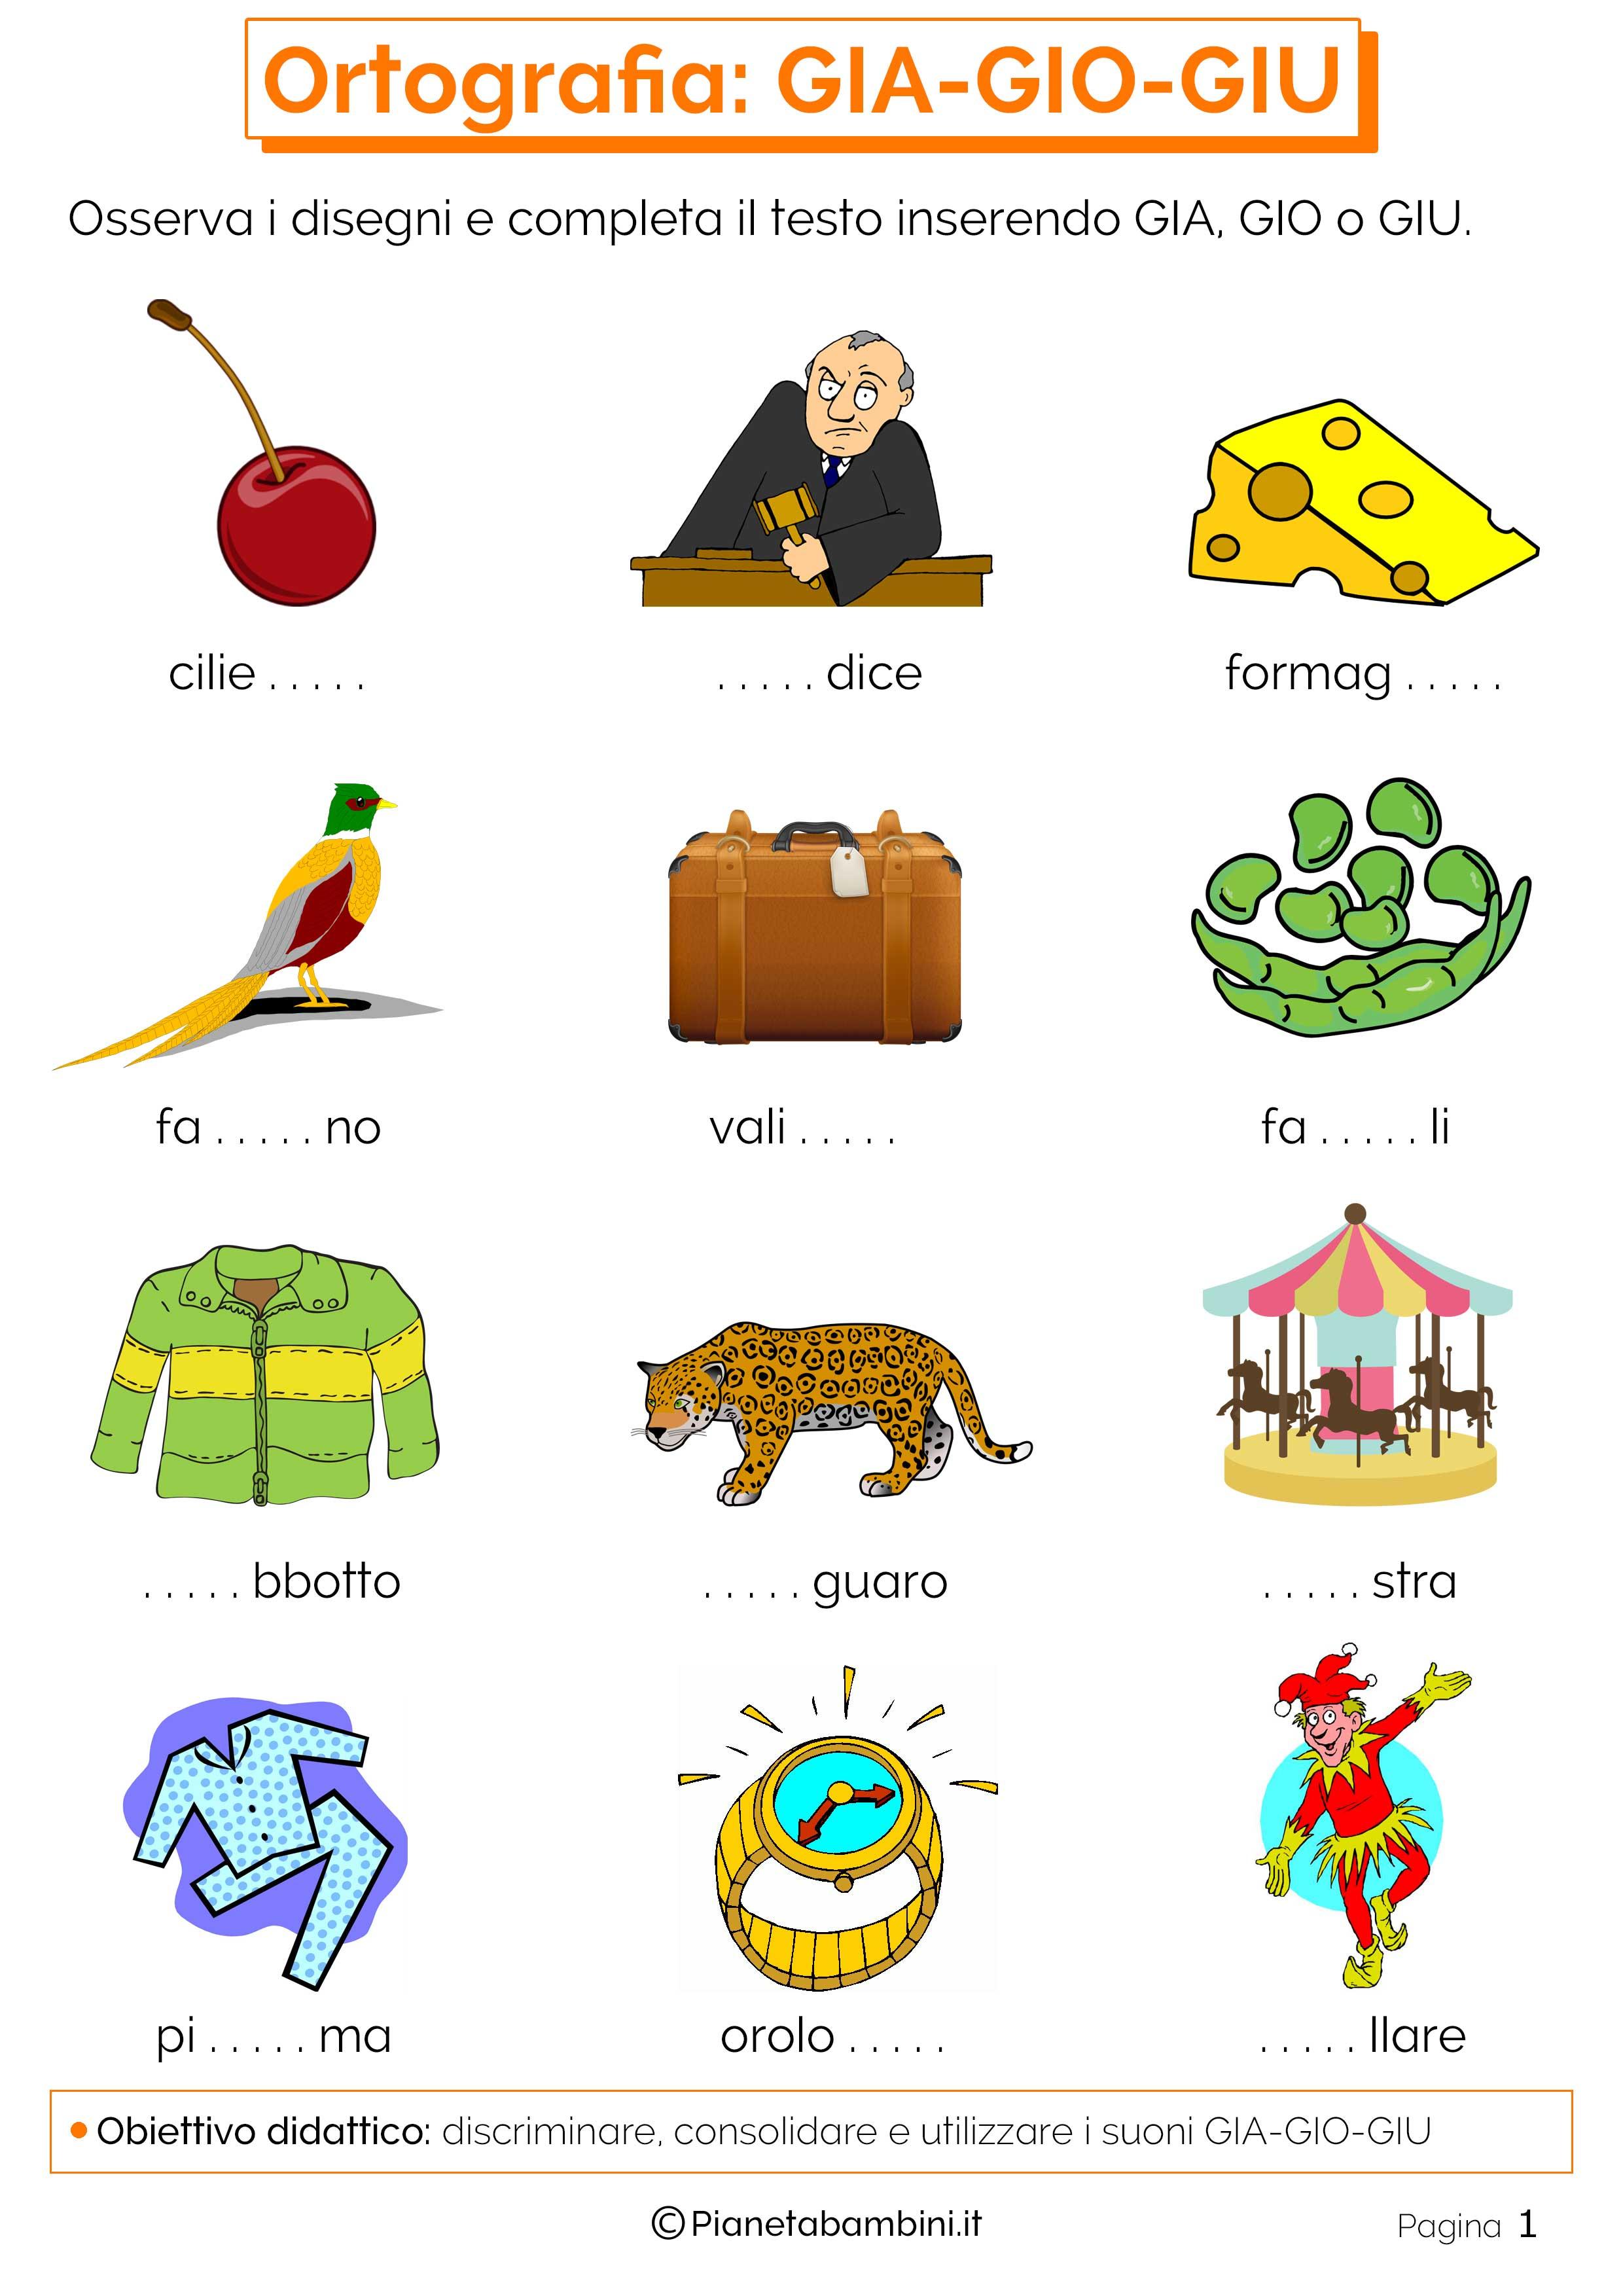 Giochi per bambini autistici da stampare for Parole con gia gio giu